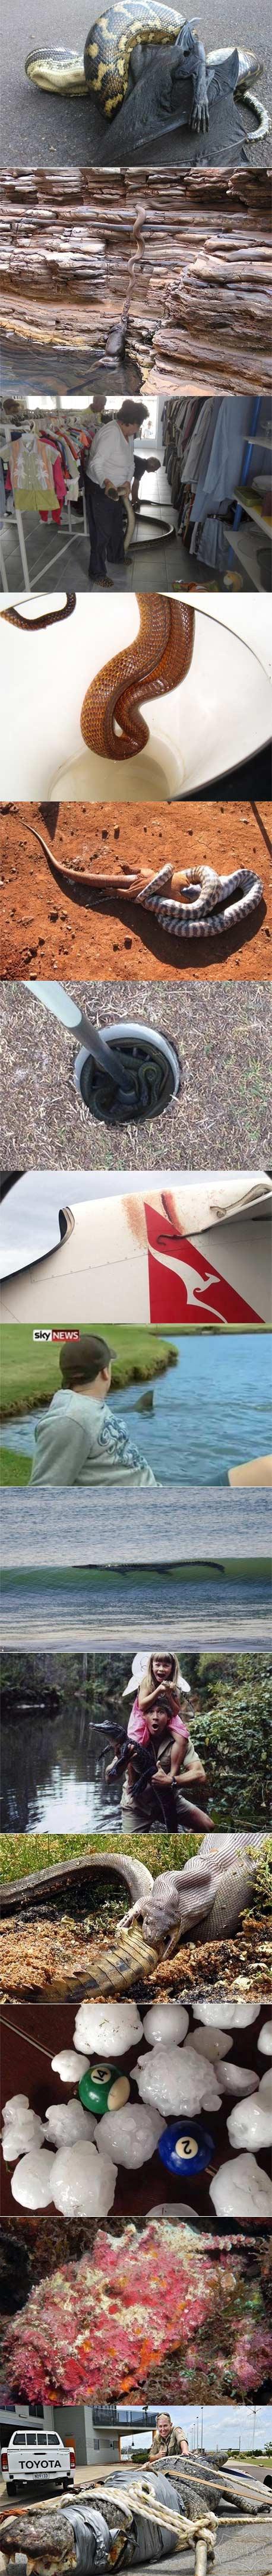 疯狂的澳大利亚